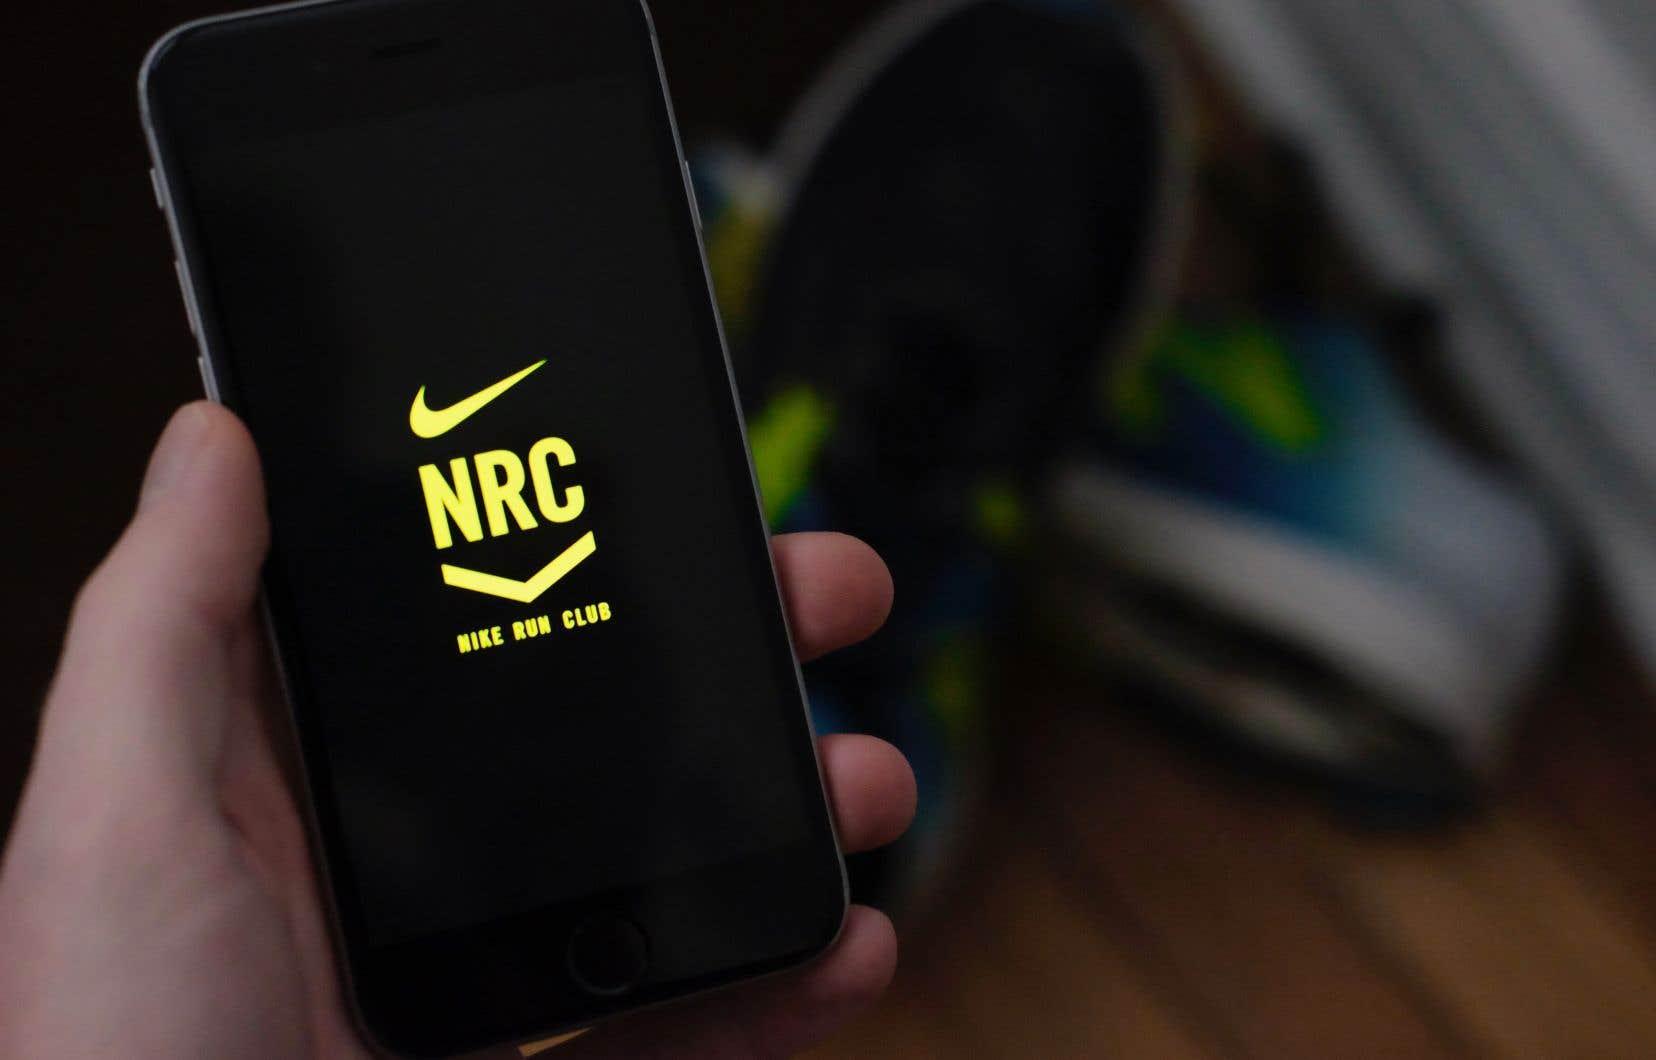 Nous répondons à quelques questions et l'application de Nike nous concocte un horaire sur mesure pour atteindre nos objectifs.